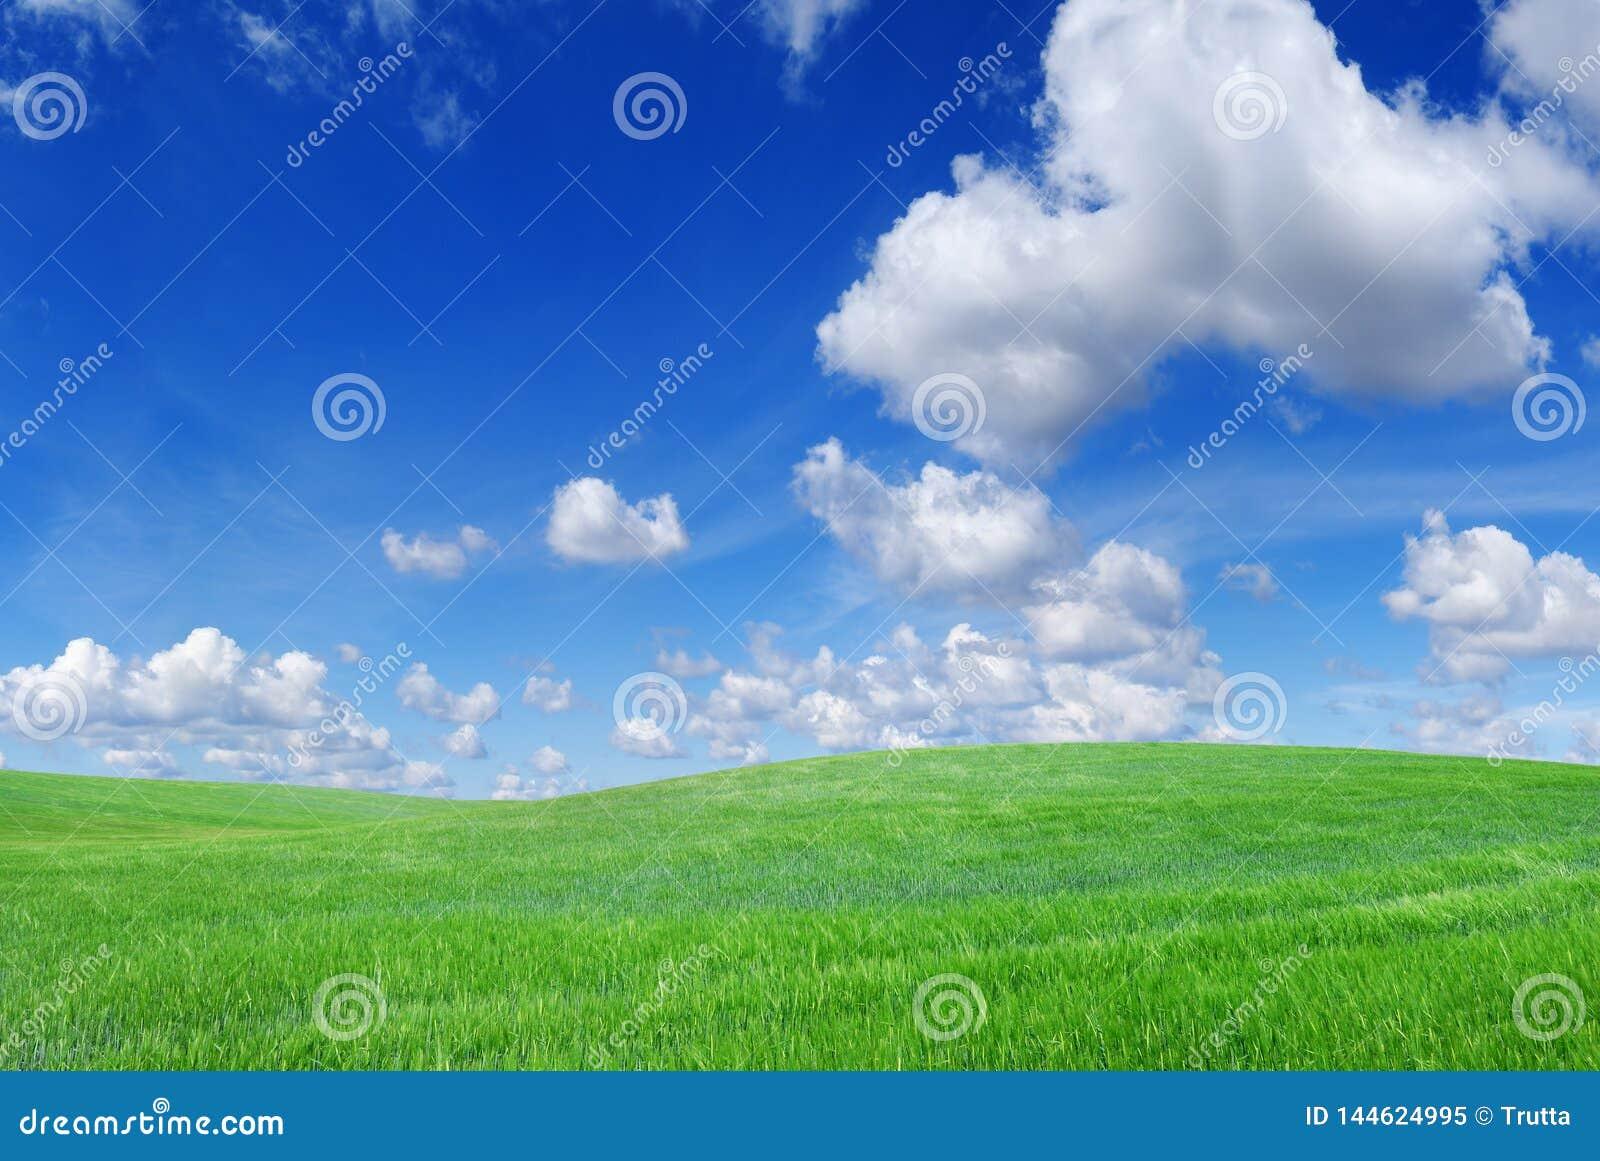 Ειδυλλιακή άποψη, πράσινοι λόφοι και μπλε ουρανός